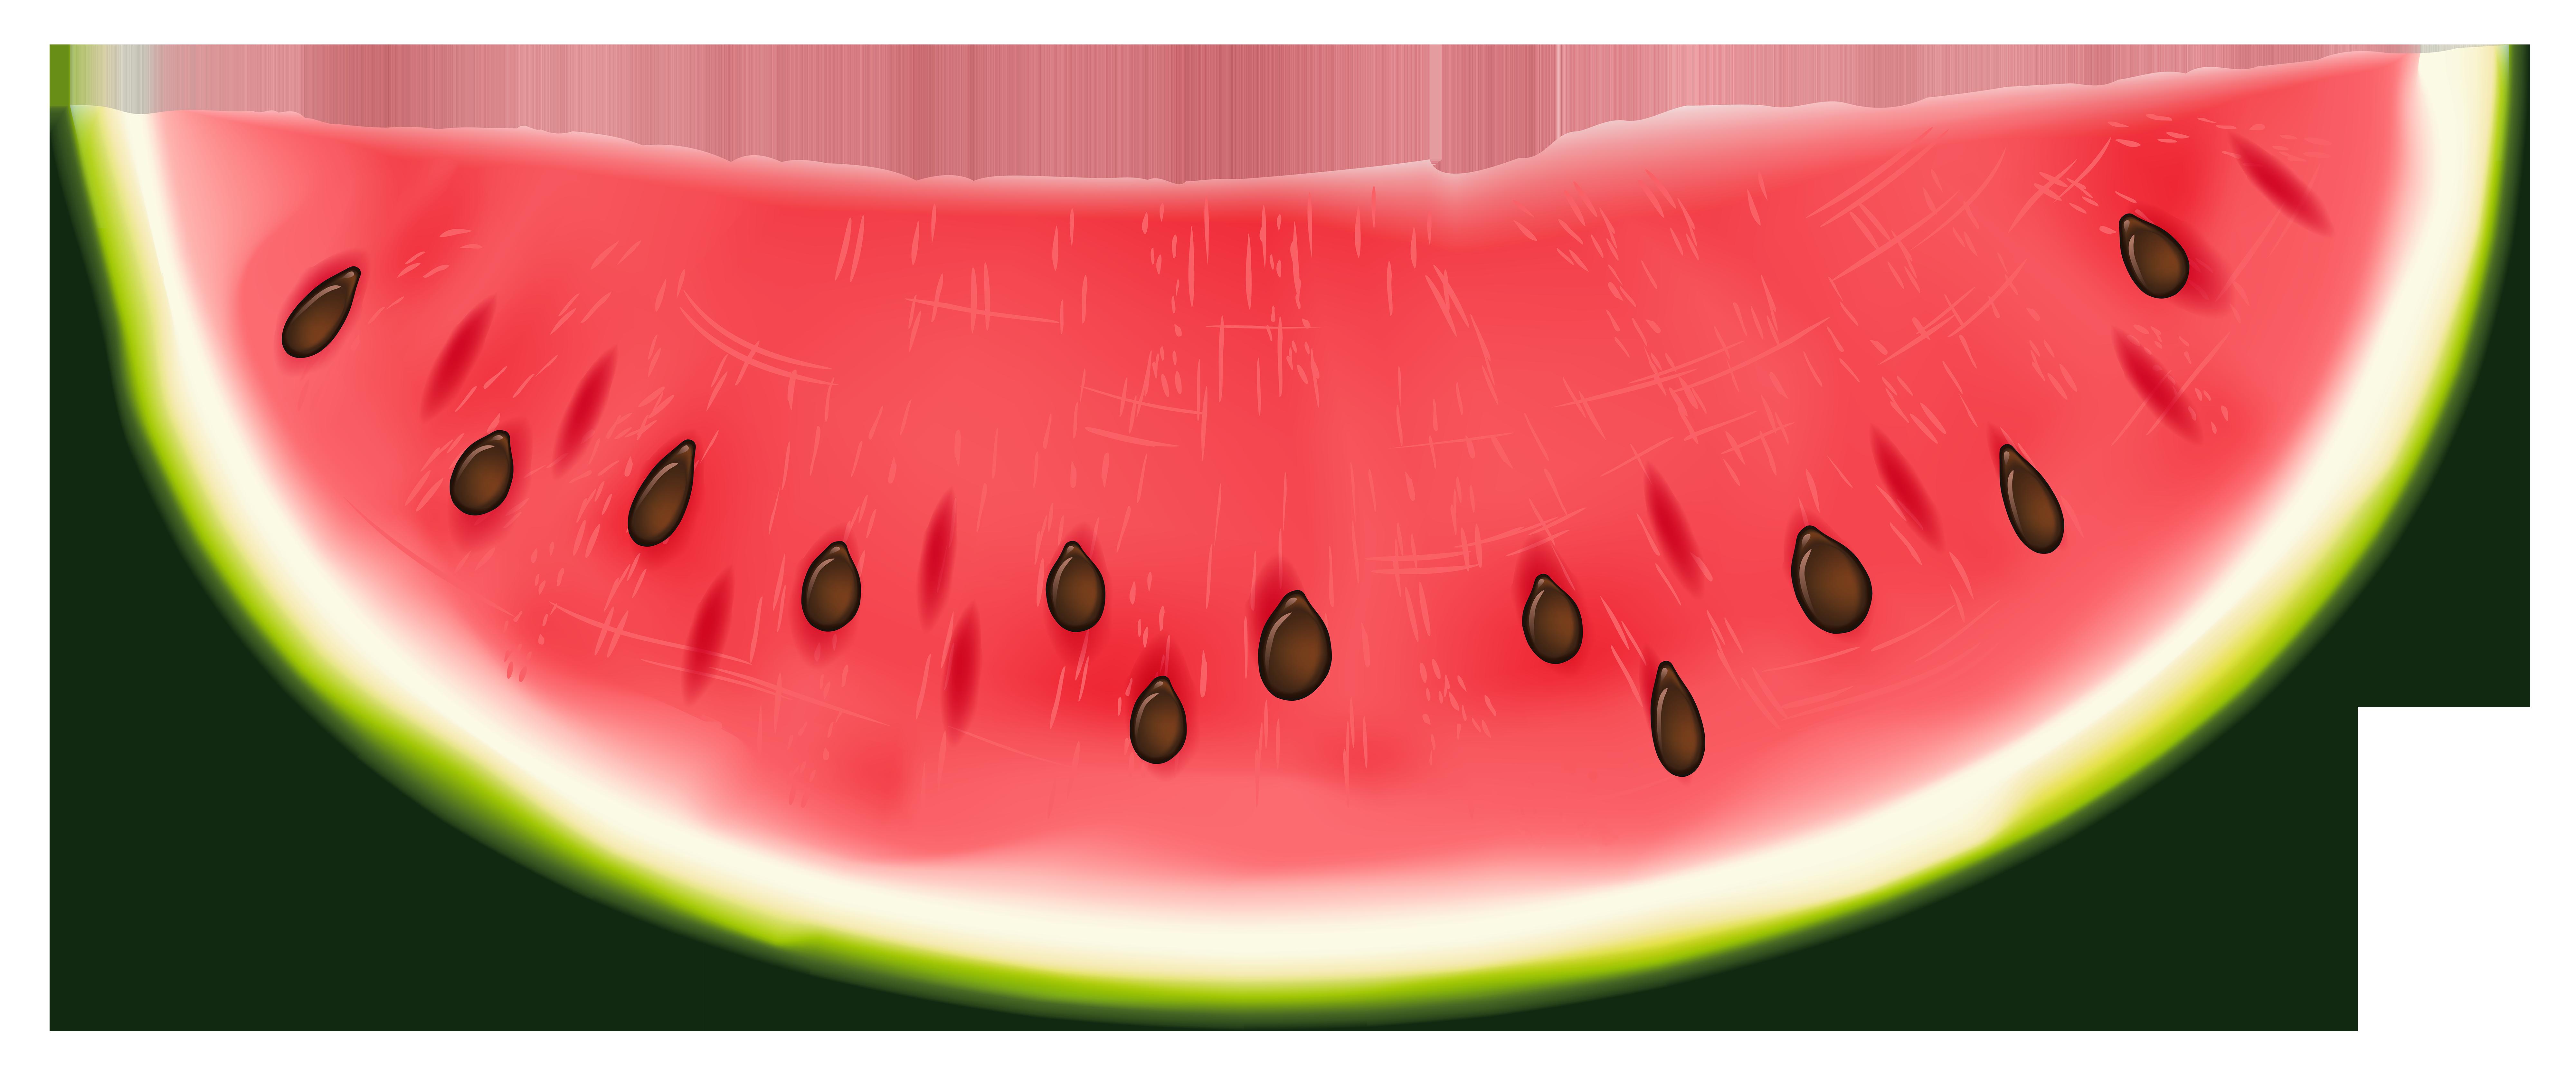 Watermelon clipart transparent background. Png clip art image